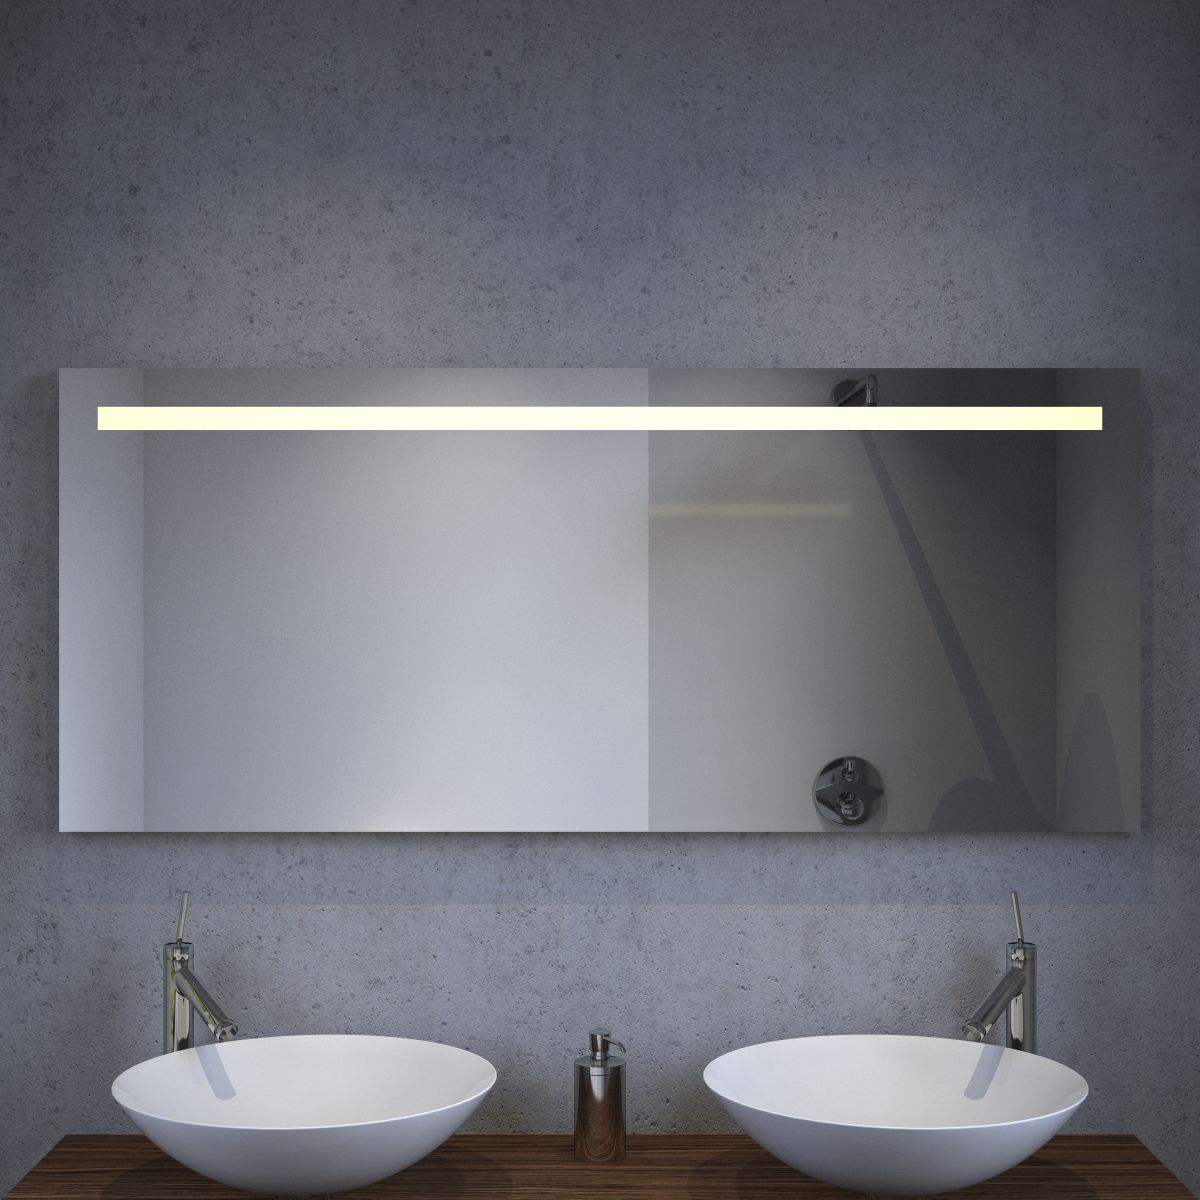 Led badkamer spiegel met stopcontact verwarming en for Spiegel badkamer verlichting